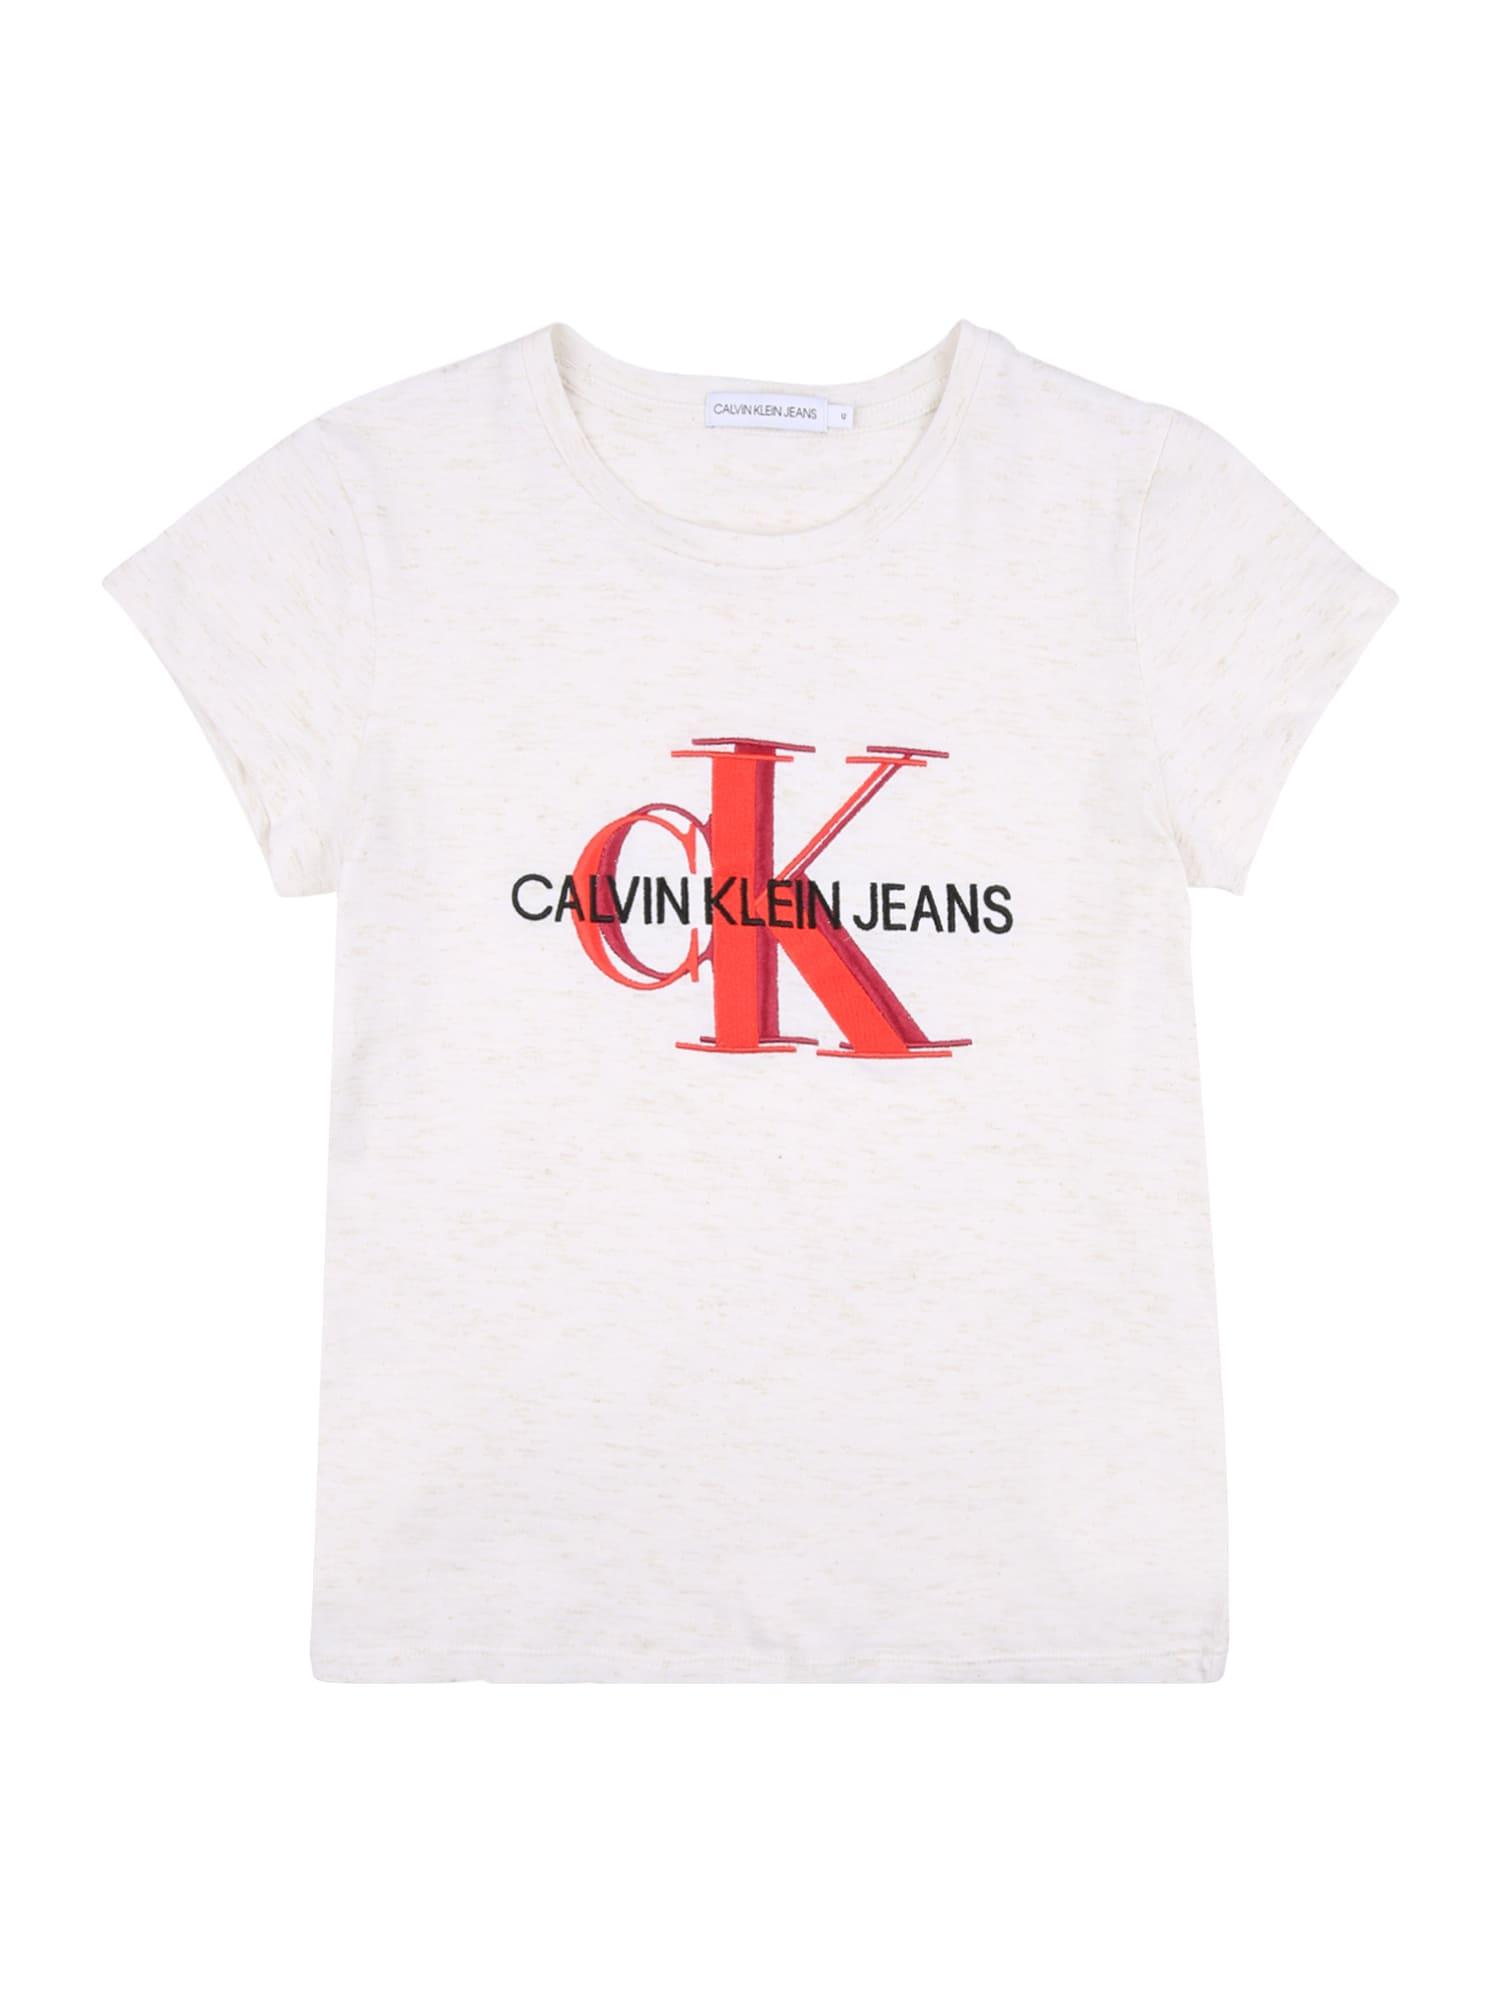 Calvin Klein Jeans Marškinėliai vilnos balta / juoda / margai raudona / šviesiai raudona